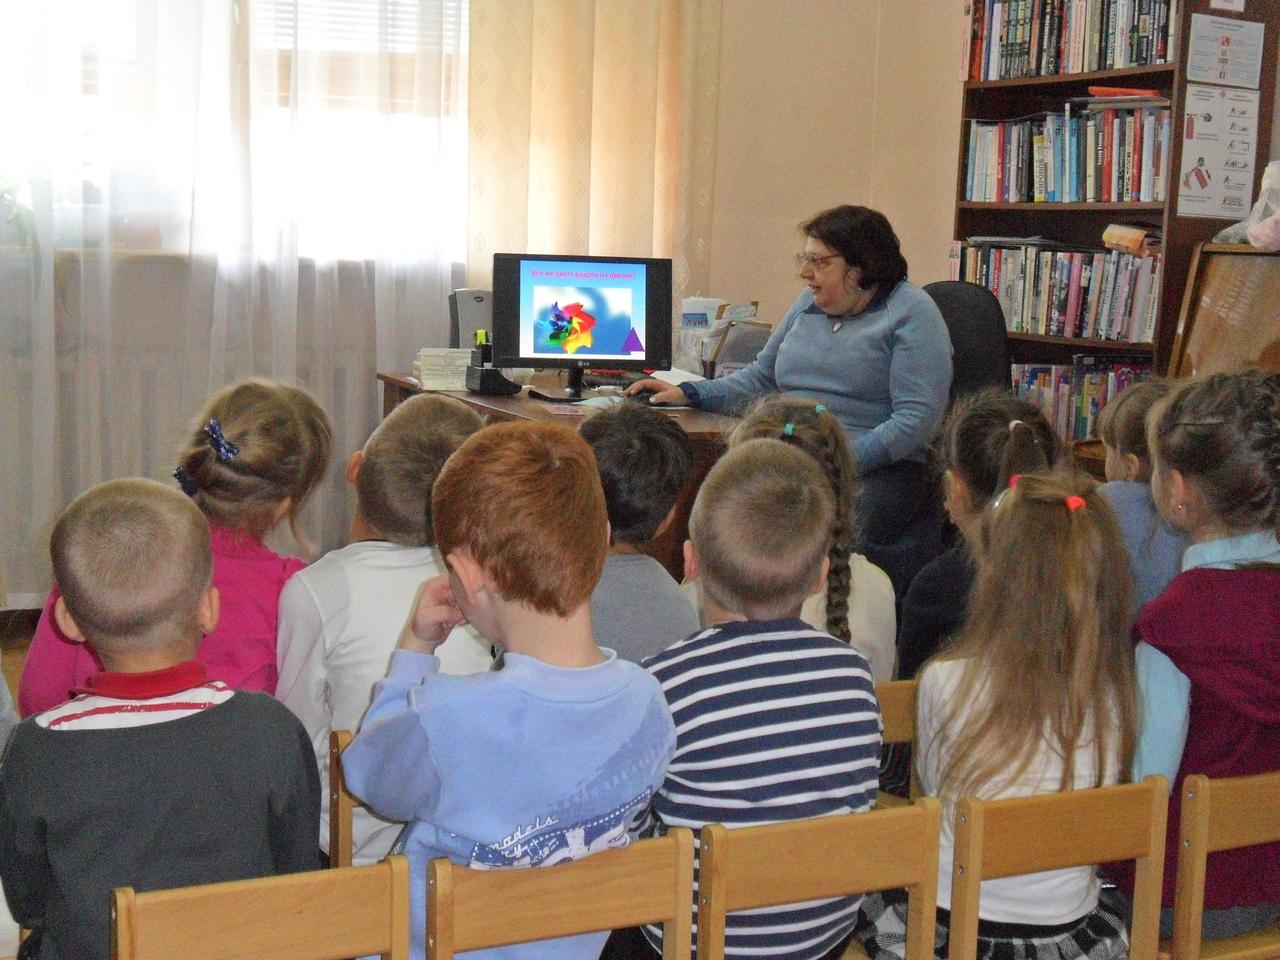 донецкая республиканская библиотека для детей, отдел искусств, с библиотекой интересно, кружок эстетического развития малышей, живопись, художник